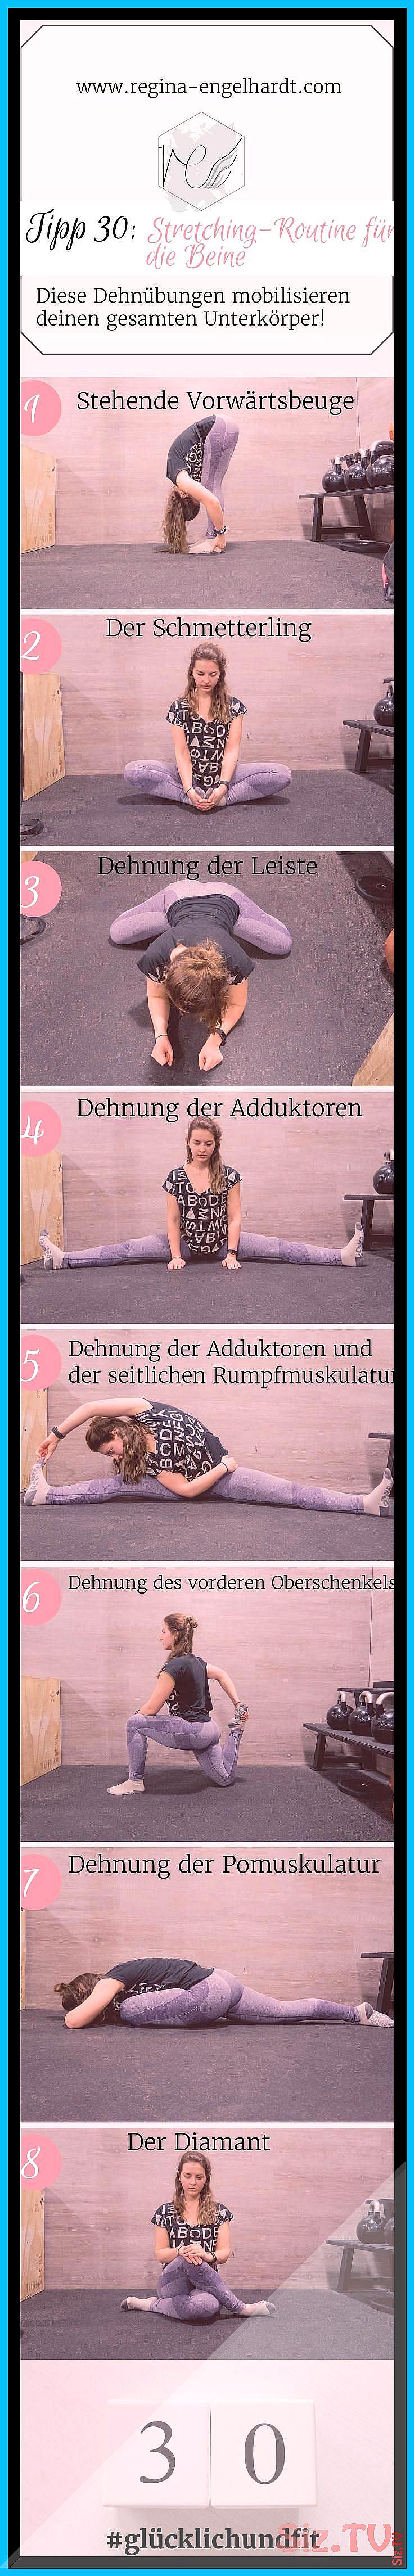 Tipp 30 Stretching-Routine f r die Beine Tipp 30 Stretching-Routine f r die Beine Regina Engelhardt...